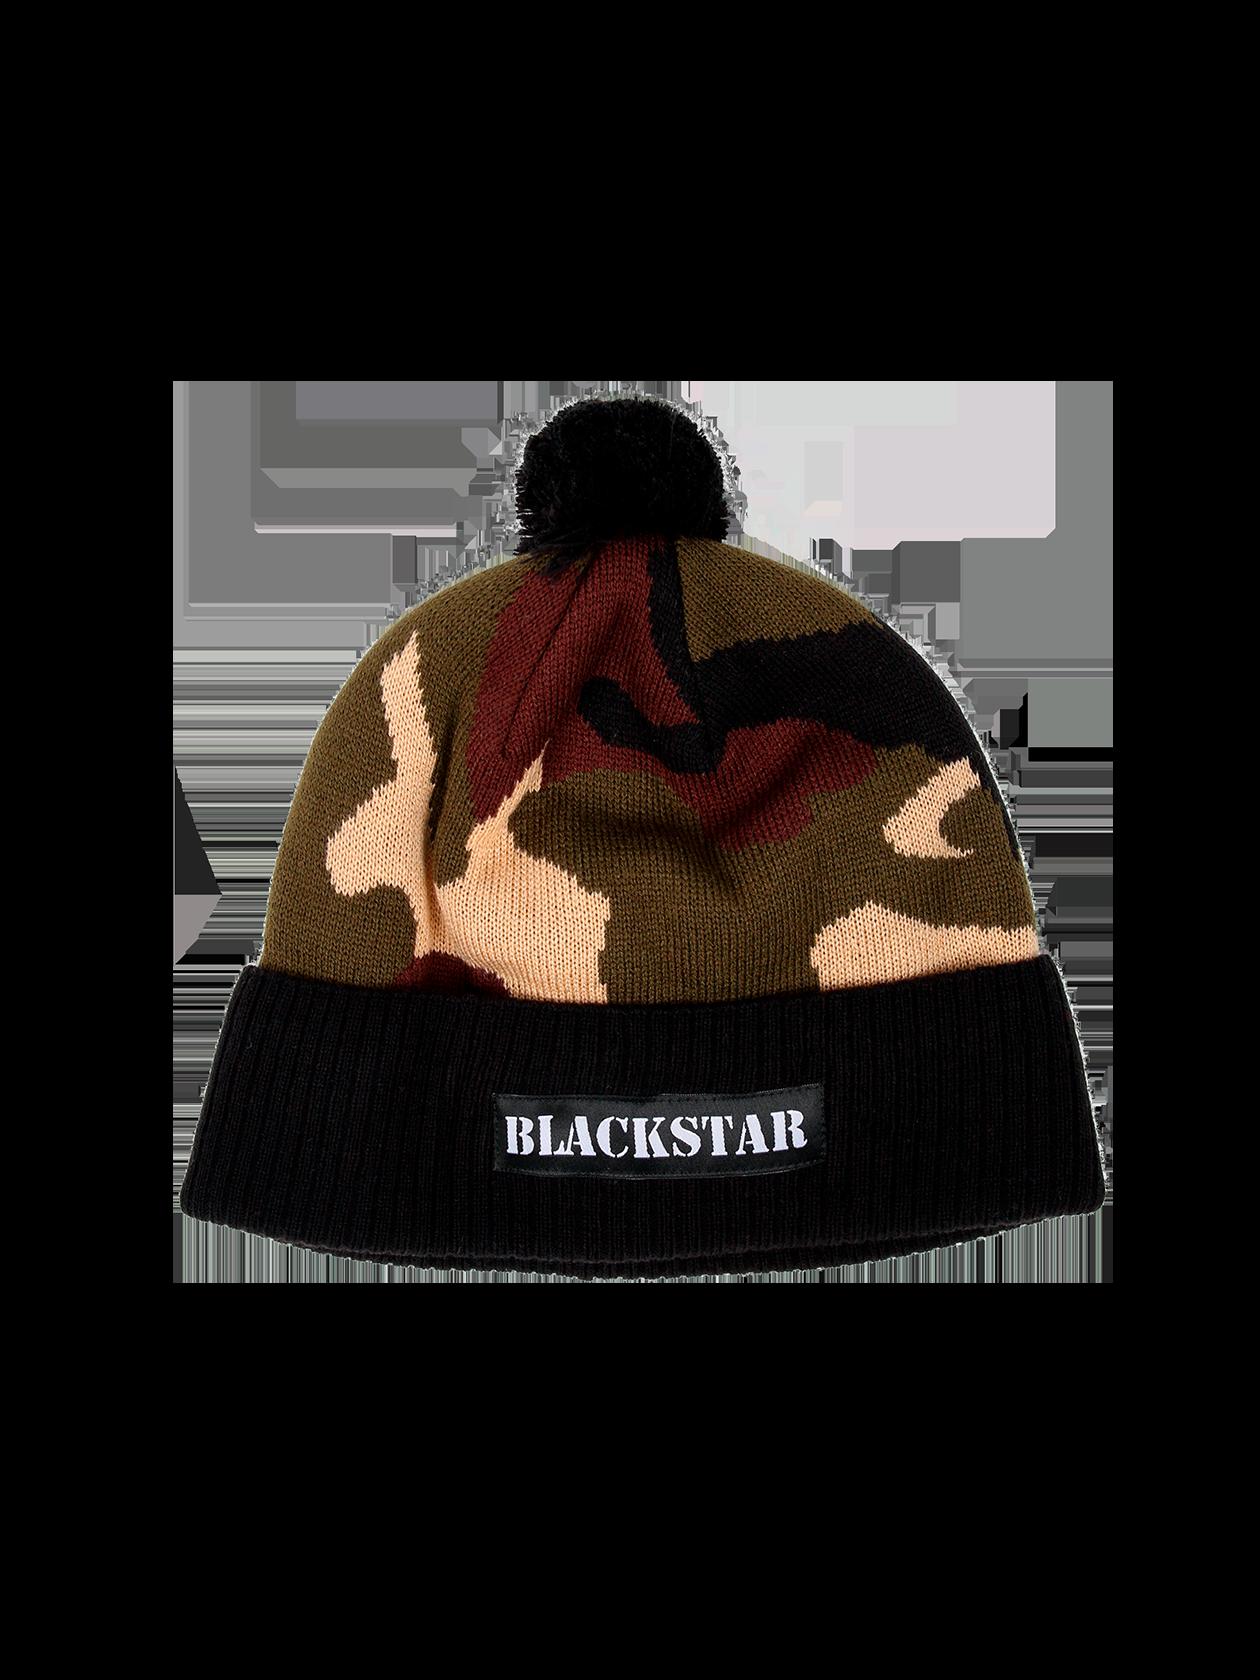 Шапка унисекс Camo Black StarТёплая зимняя шапка унисекс Black Star Wear. Модель с подворотом, нашивкой автомат и помпоном. Изделие камуфляжной расцветки из 100% акрила.<br><br>Размер: Единый размер<br>Цвет: Камуфляж<br>Пол: Унисекс